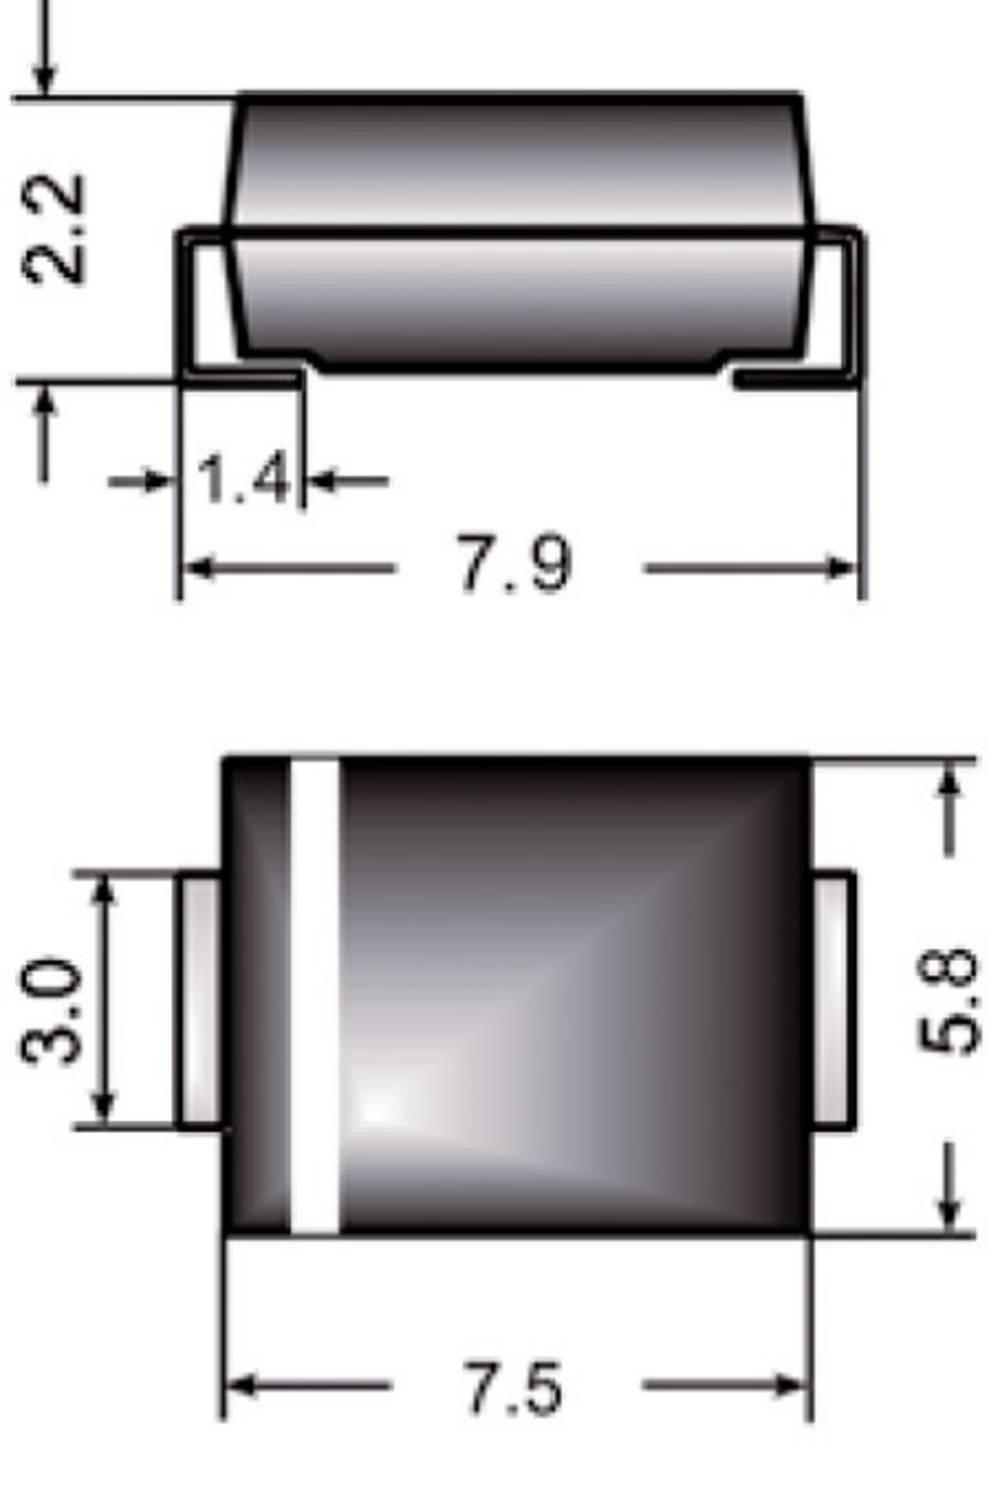 Zener dioda Z3SMC91 vrsta kućišta (poluvodič) DO-214AB Semikron Zener-napon 91 V snaga max. P(tot) 3 W